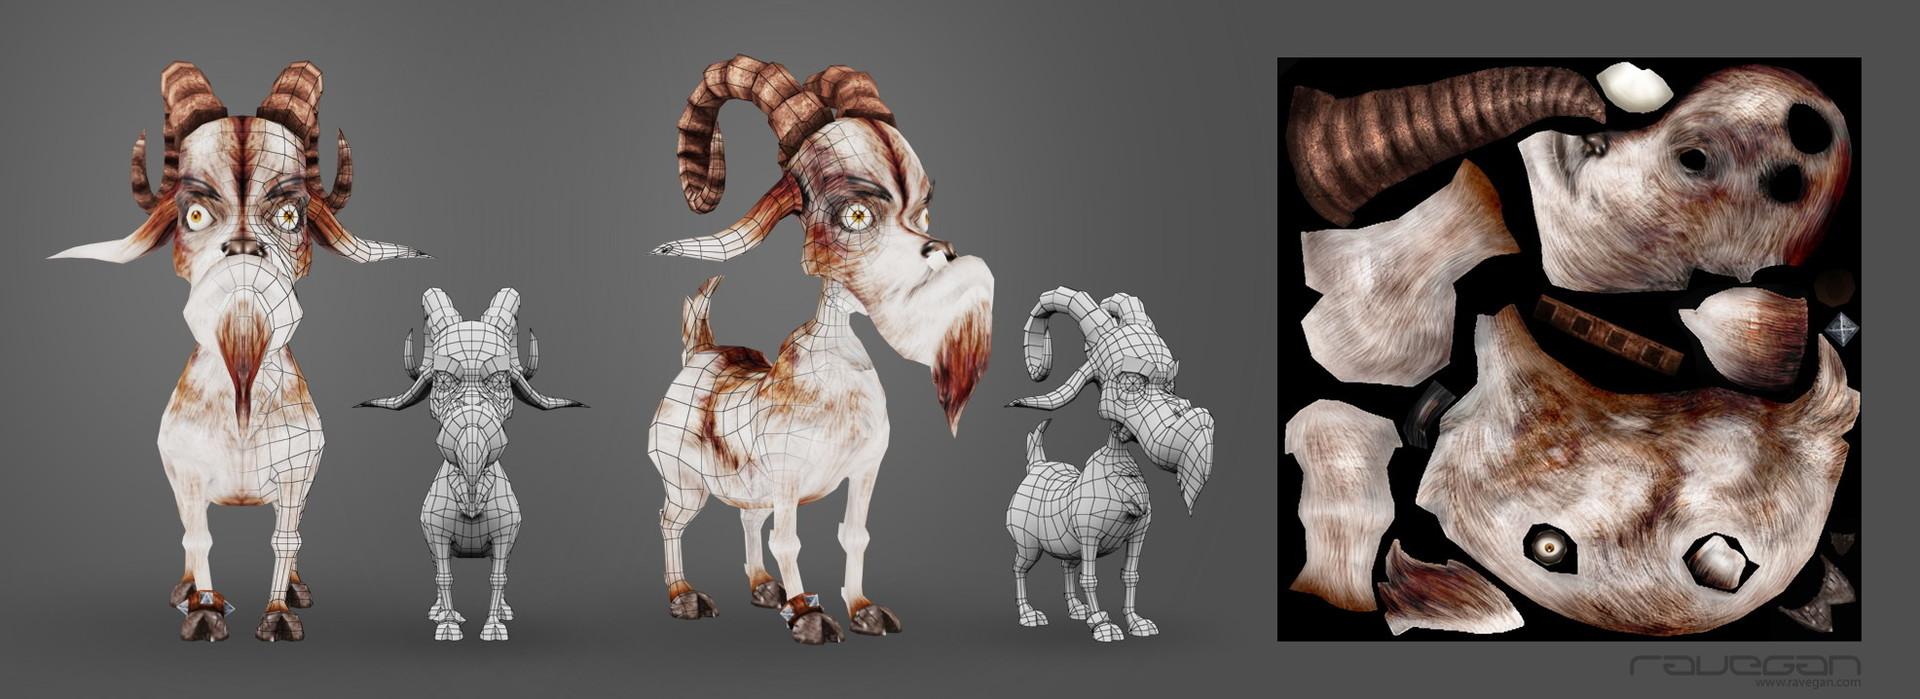 Ravegan games viking 09 goat lowpoly